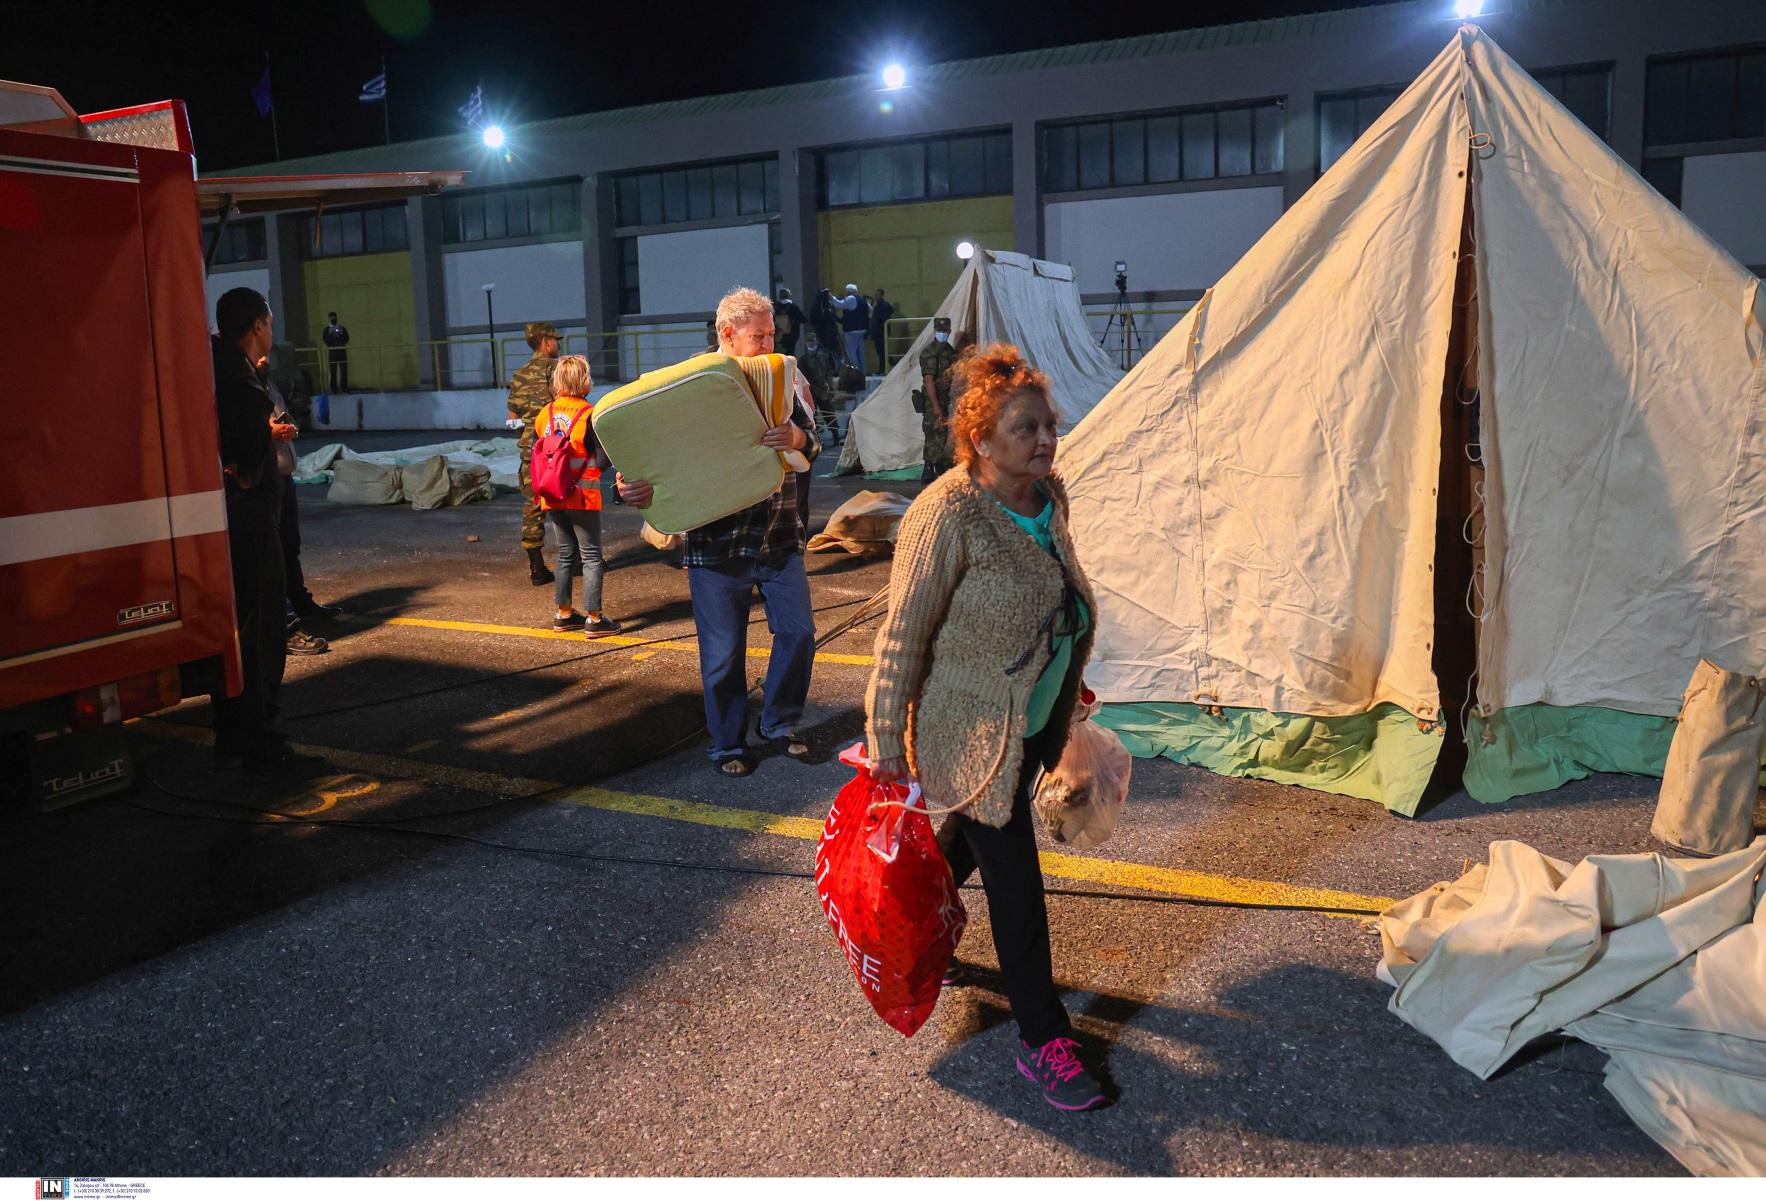 Σεισμός στην Κρήτη: Απόγνωση στα χαλάσματα, αναγεννιέται η ελπίδα στις σκηνές